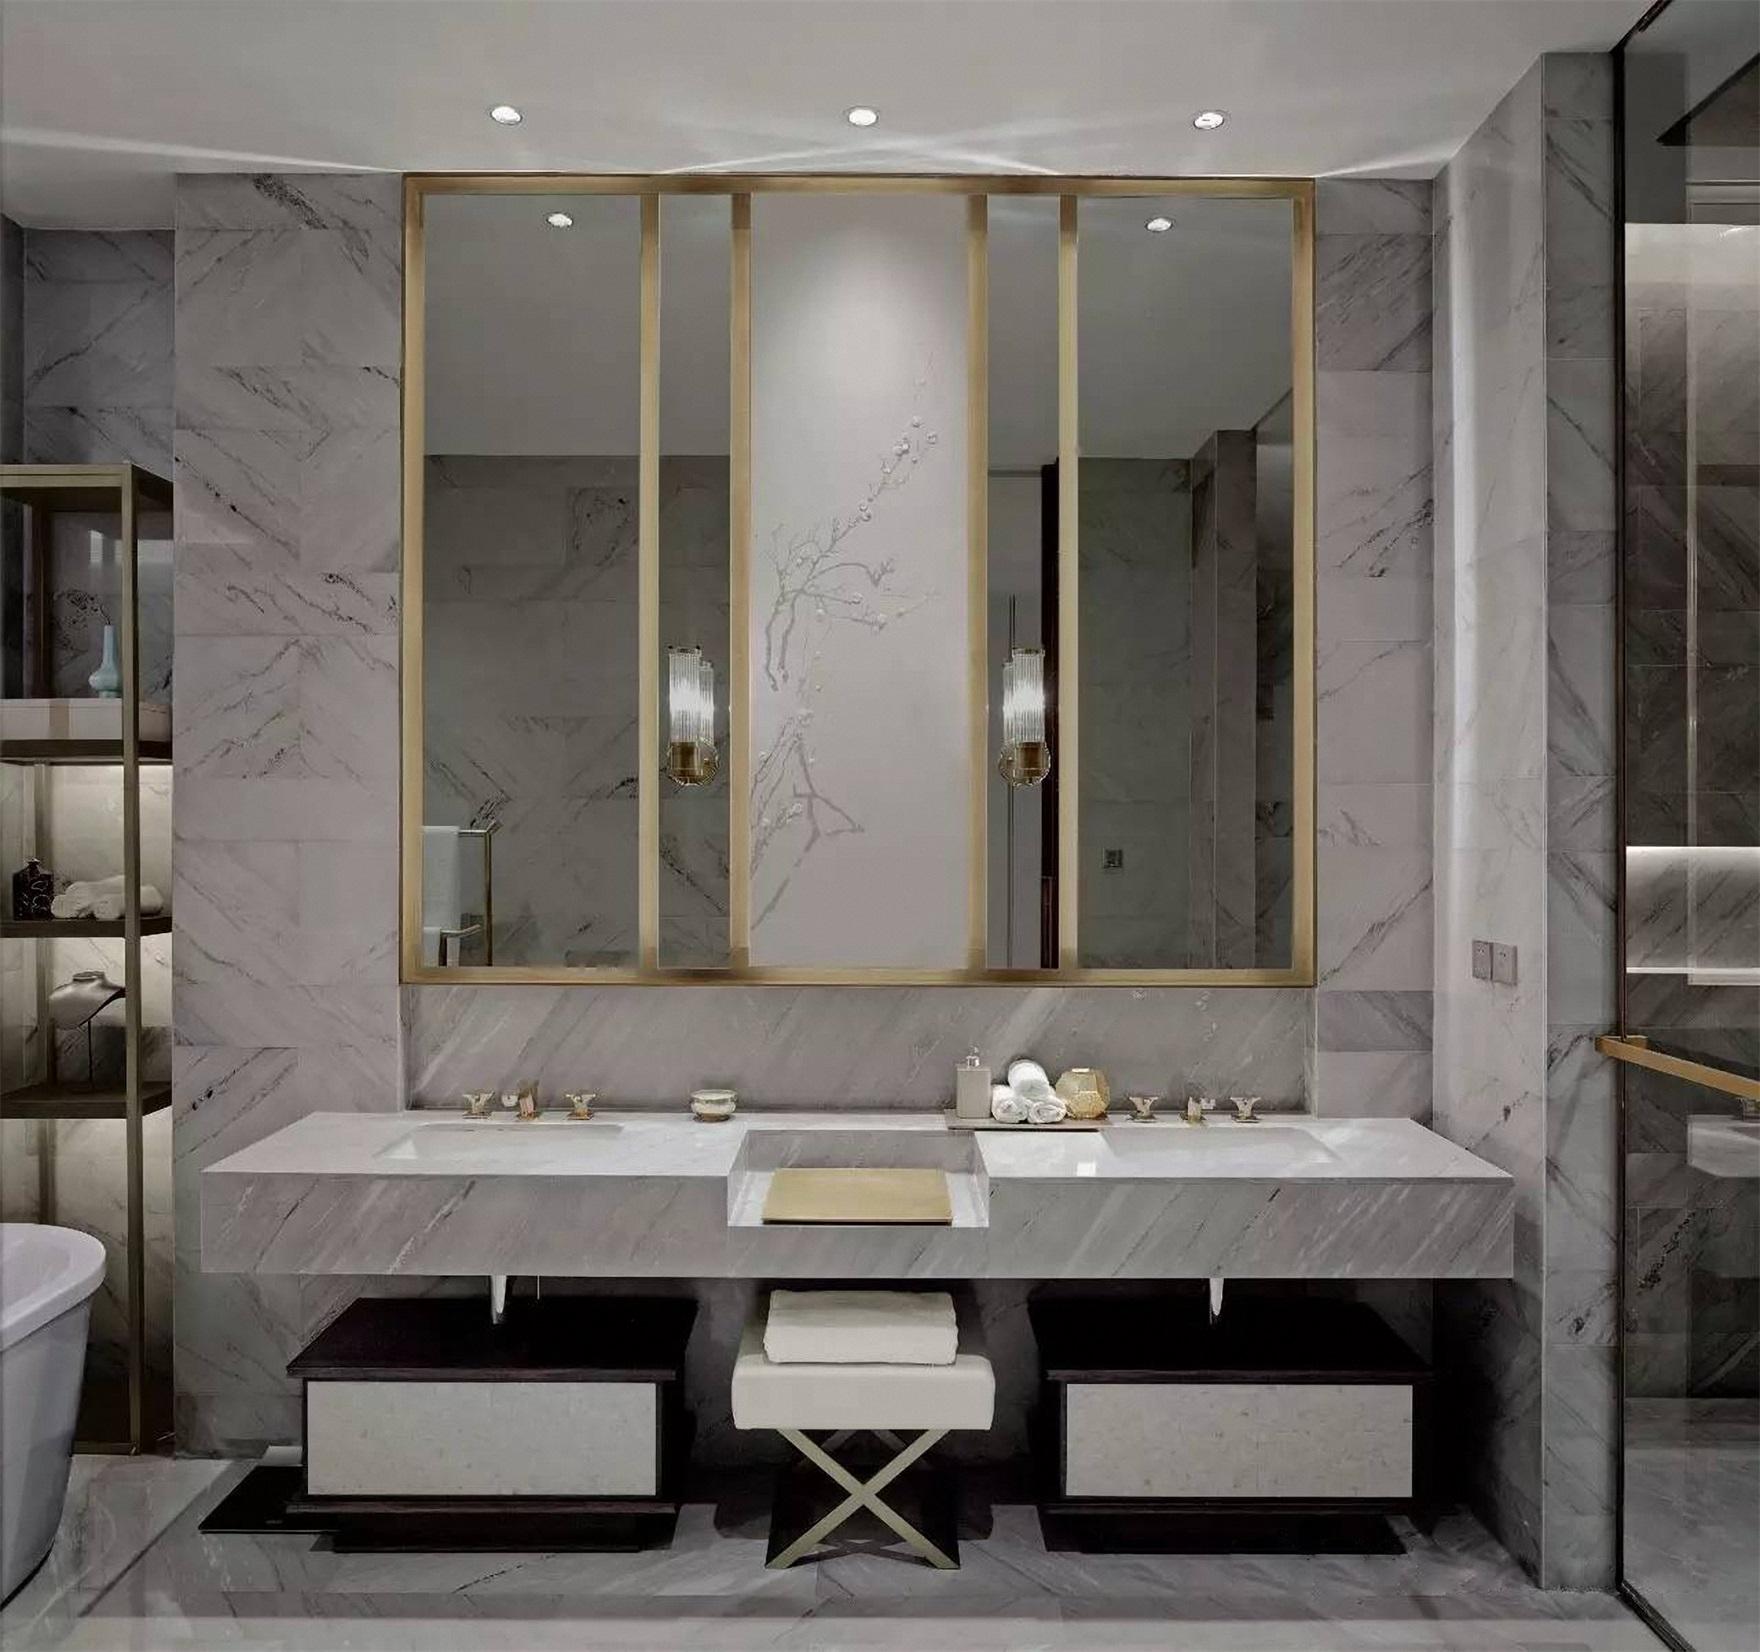 洗手台对称布局,明镜比例切割有度,中式古色古香的质感与现代风格简单素雅自然衔接。